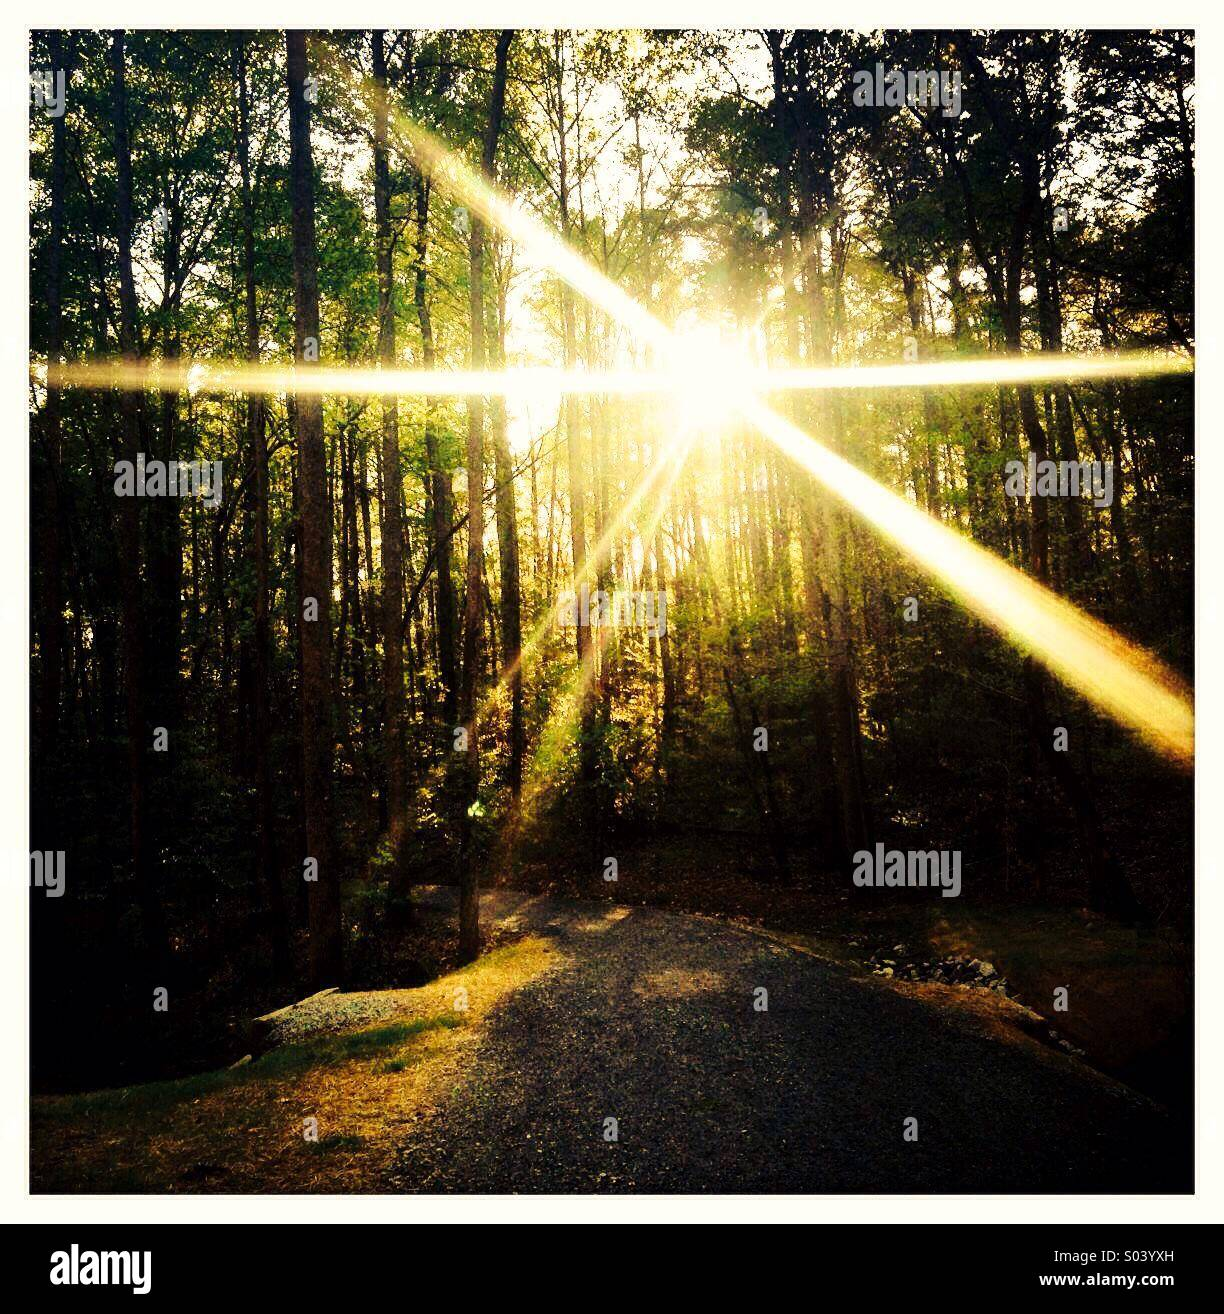 La lumière du soleil qui à travers des arbres dans les bois Photo Stock